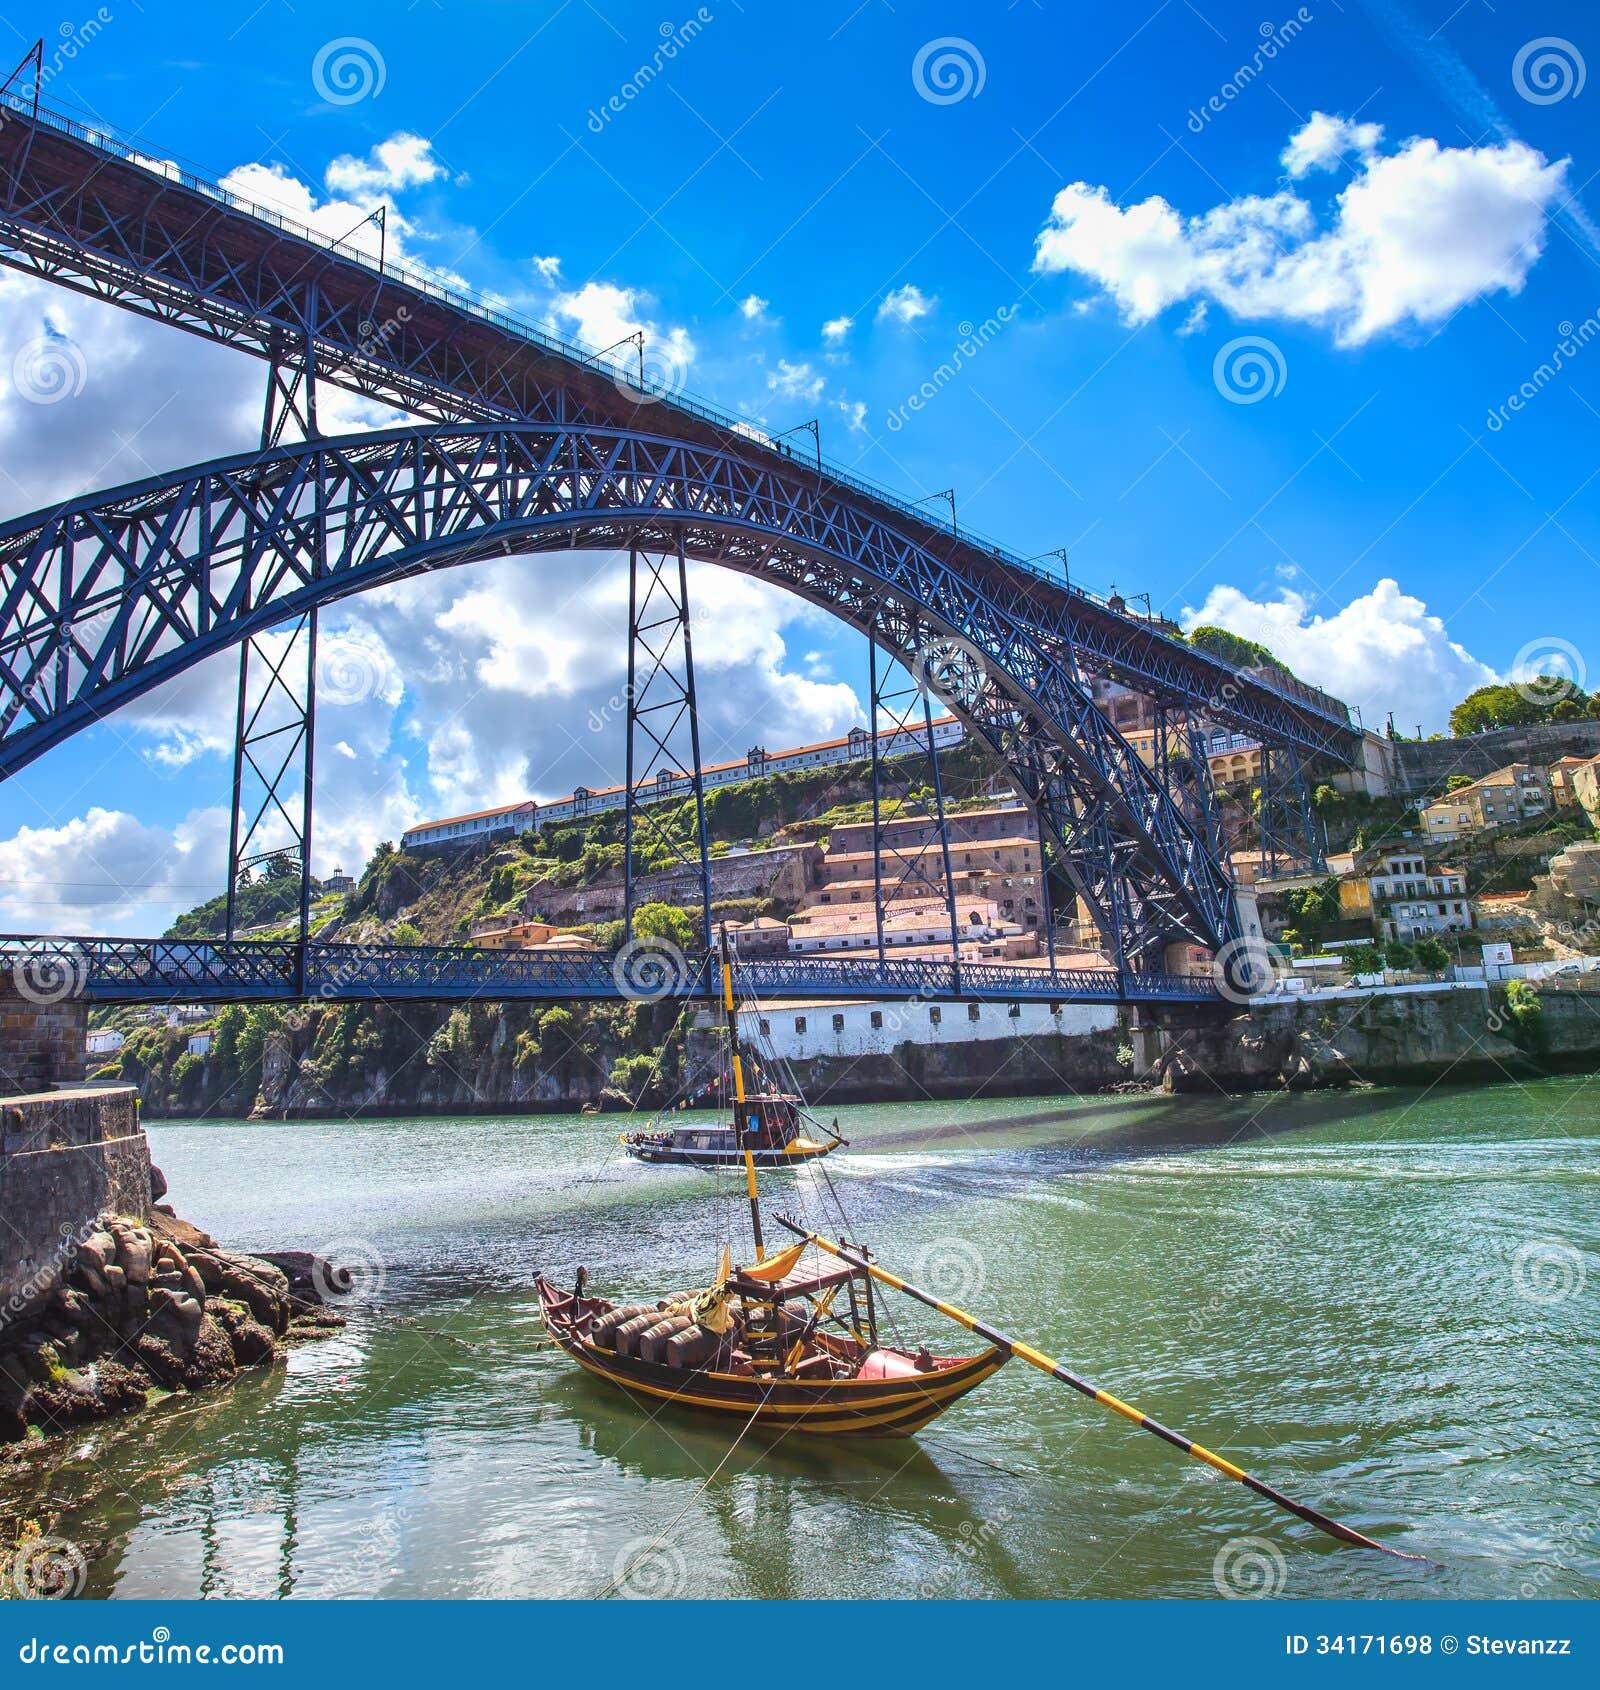 Oporto or Porto skyline, Douro river, boats and iron bridge. Portugal, Europe.